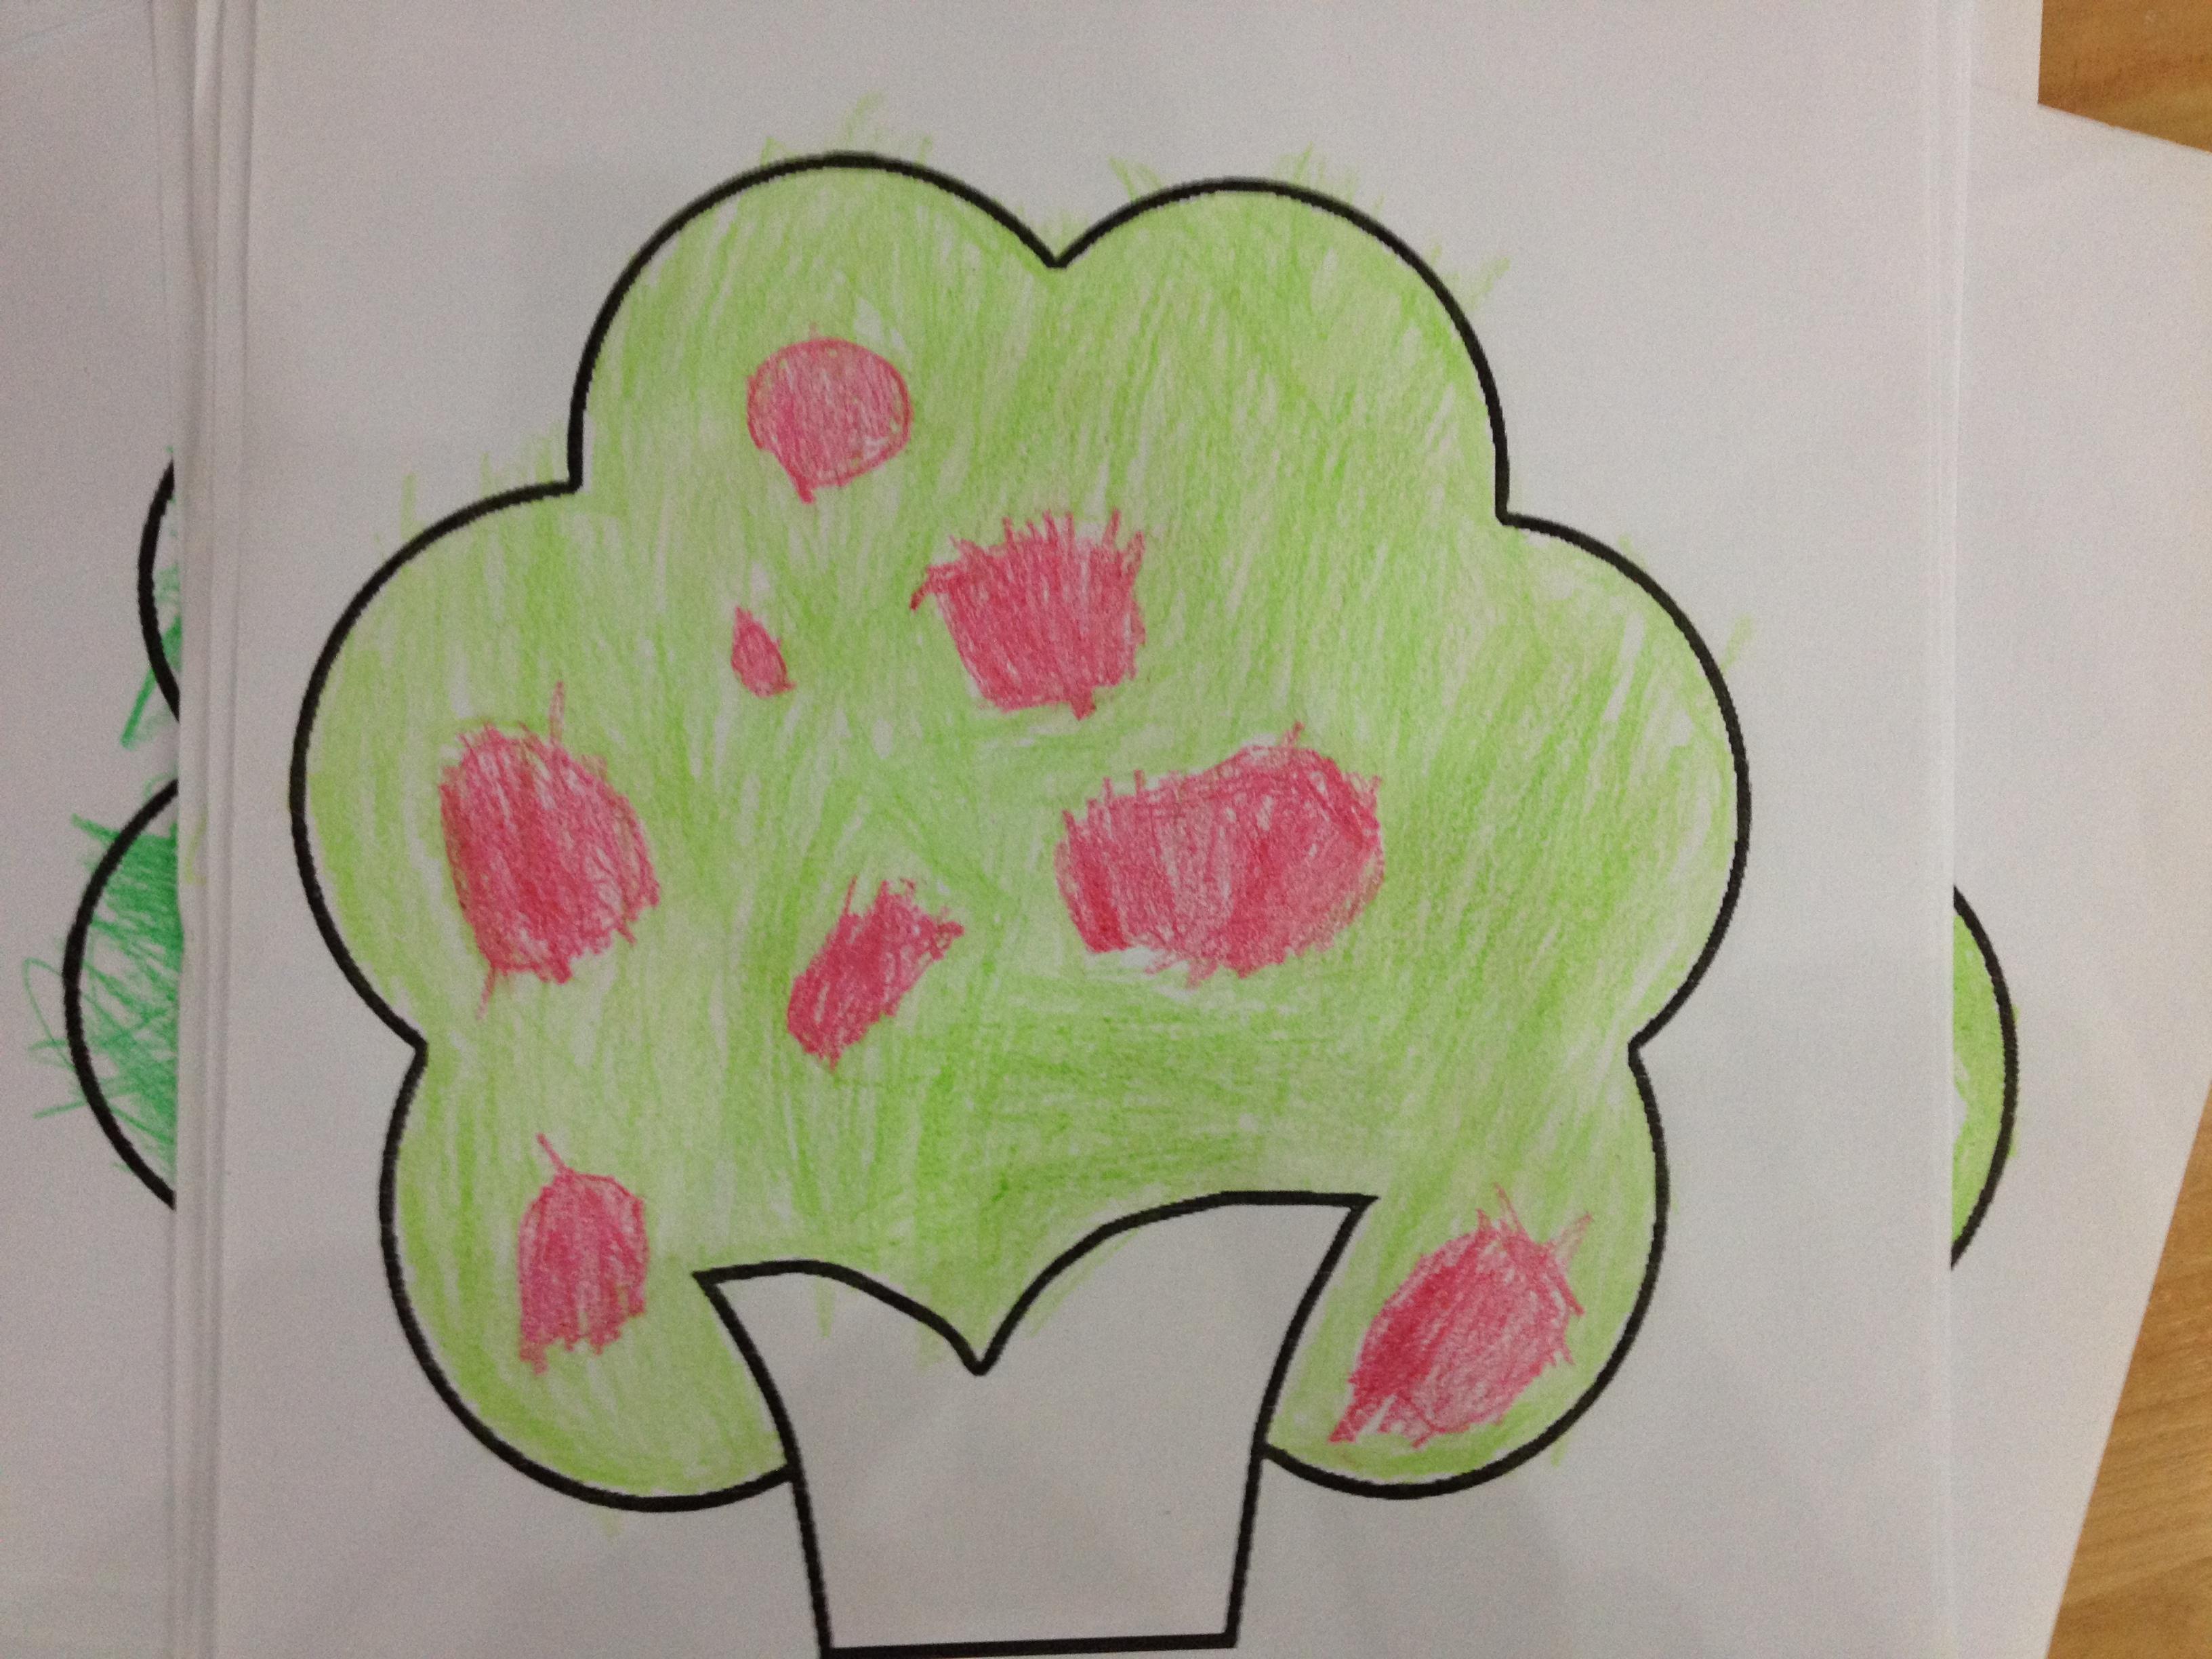 园所主页 大三班 幼儿作品  苹果树            发布时间: 2014年6月